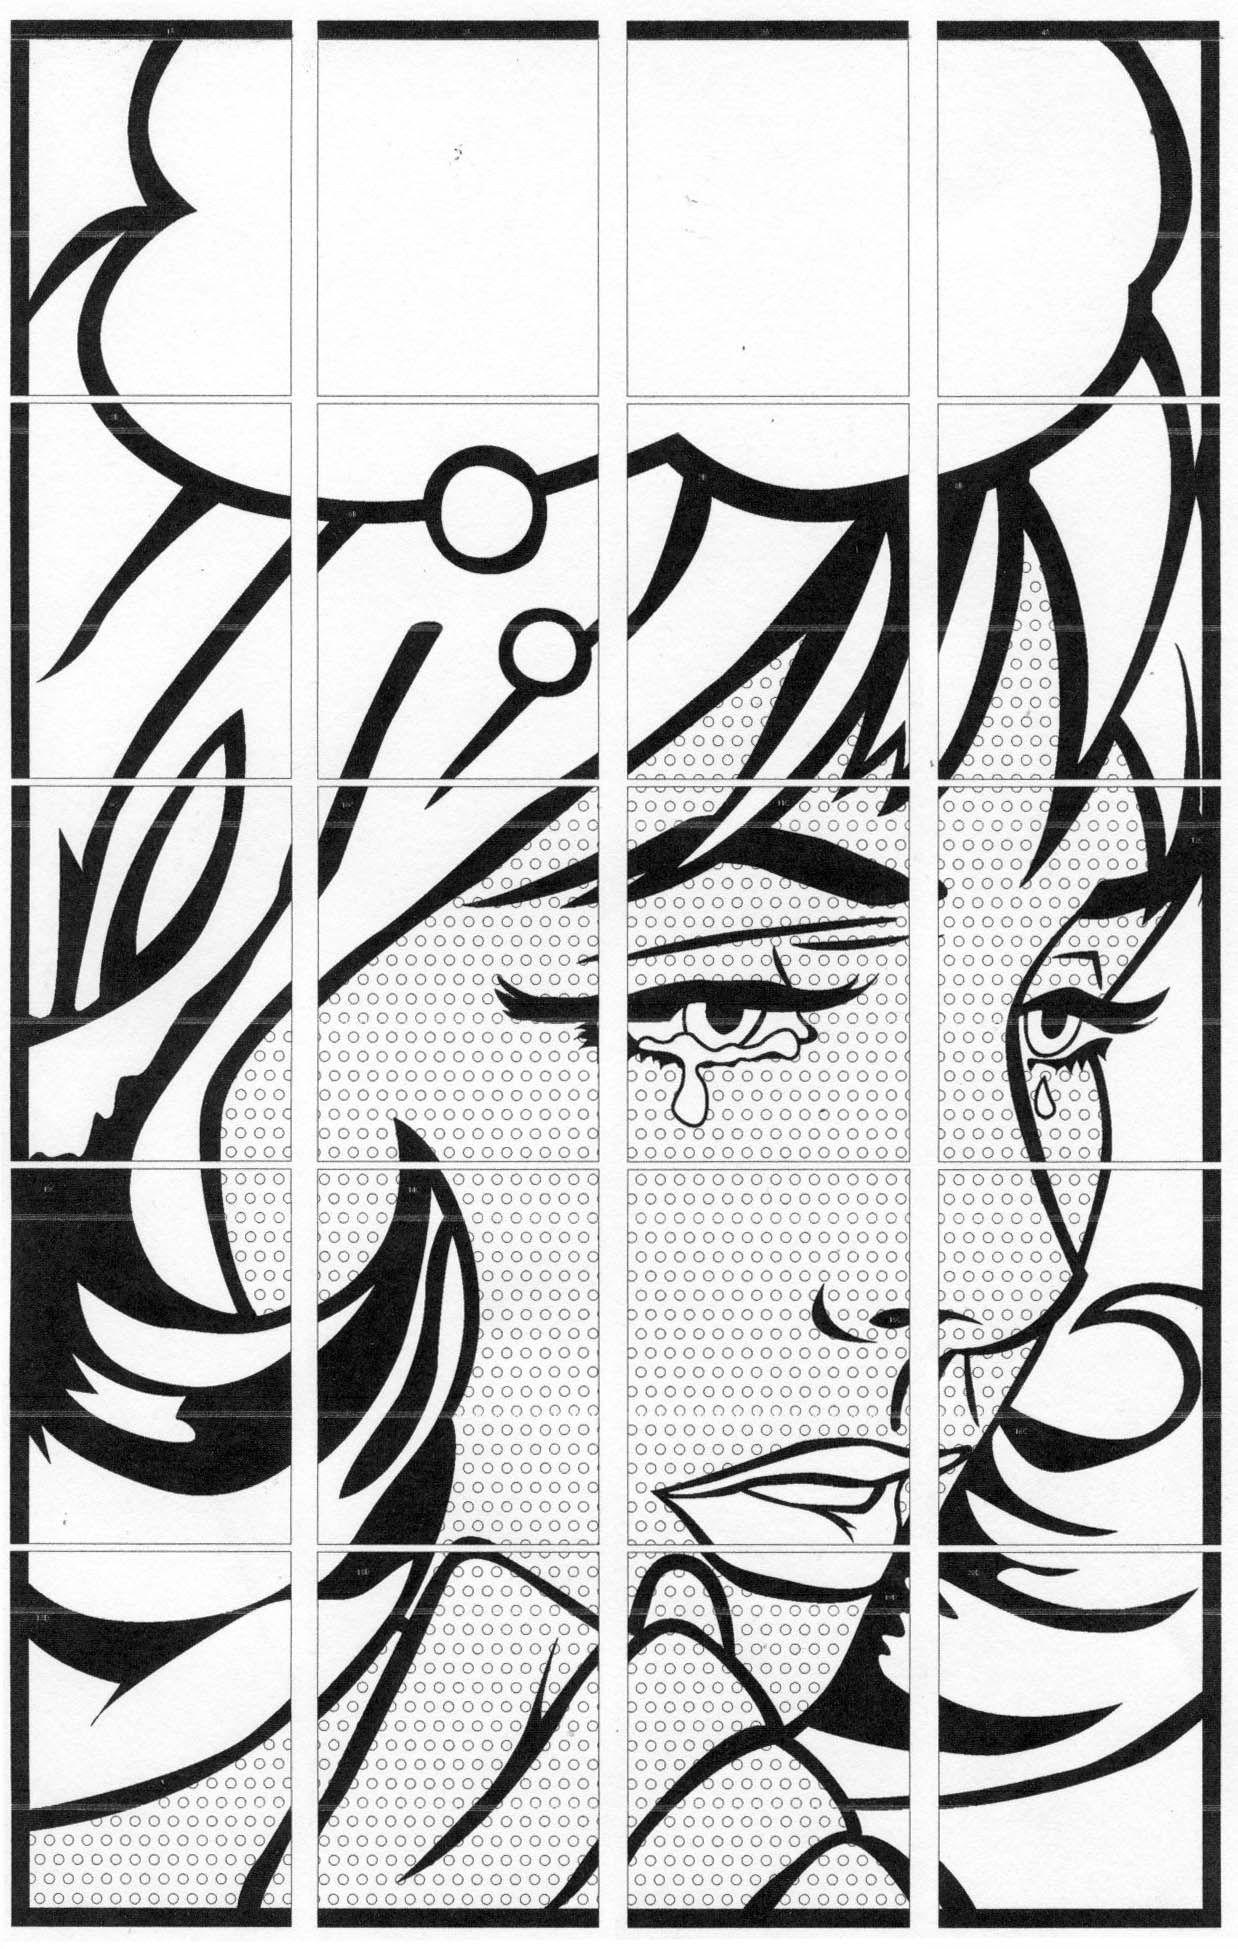 Comic Book Pop Art Mural